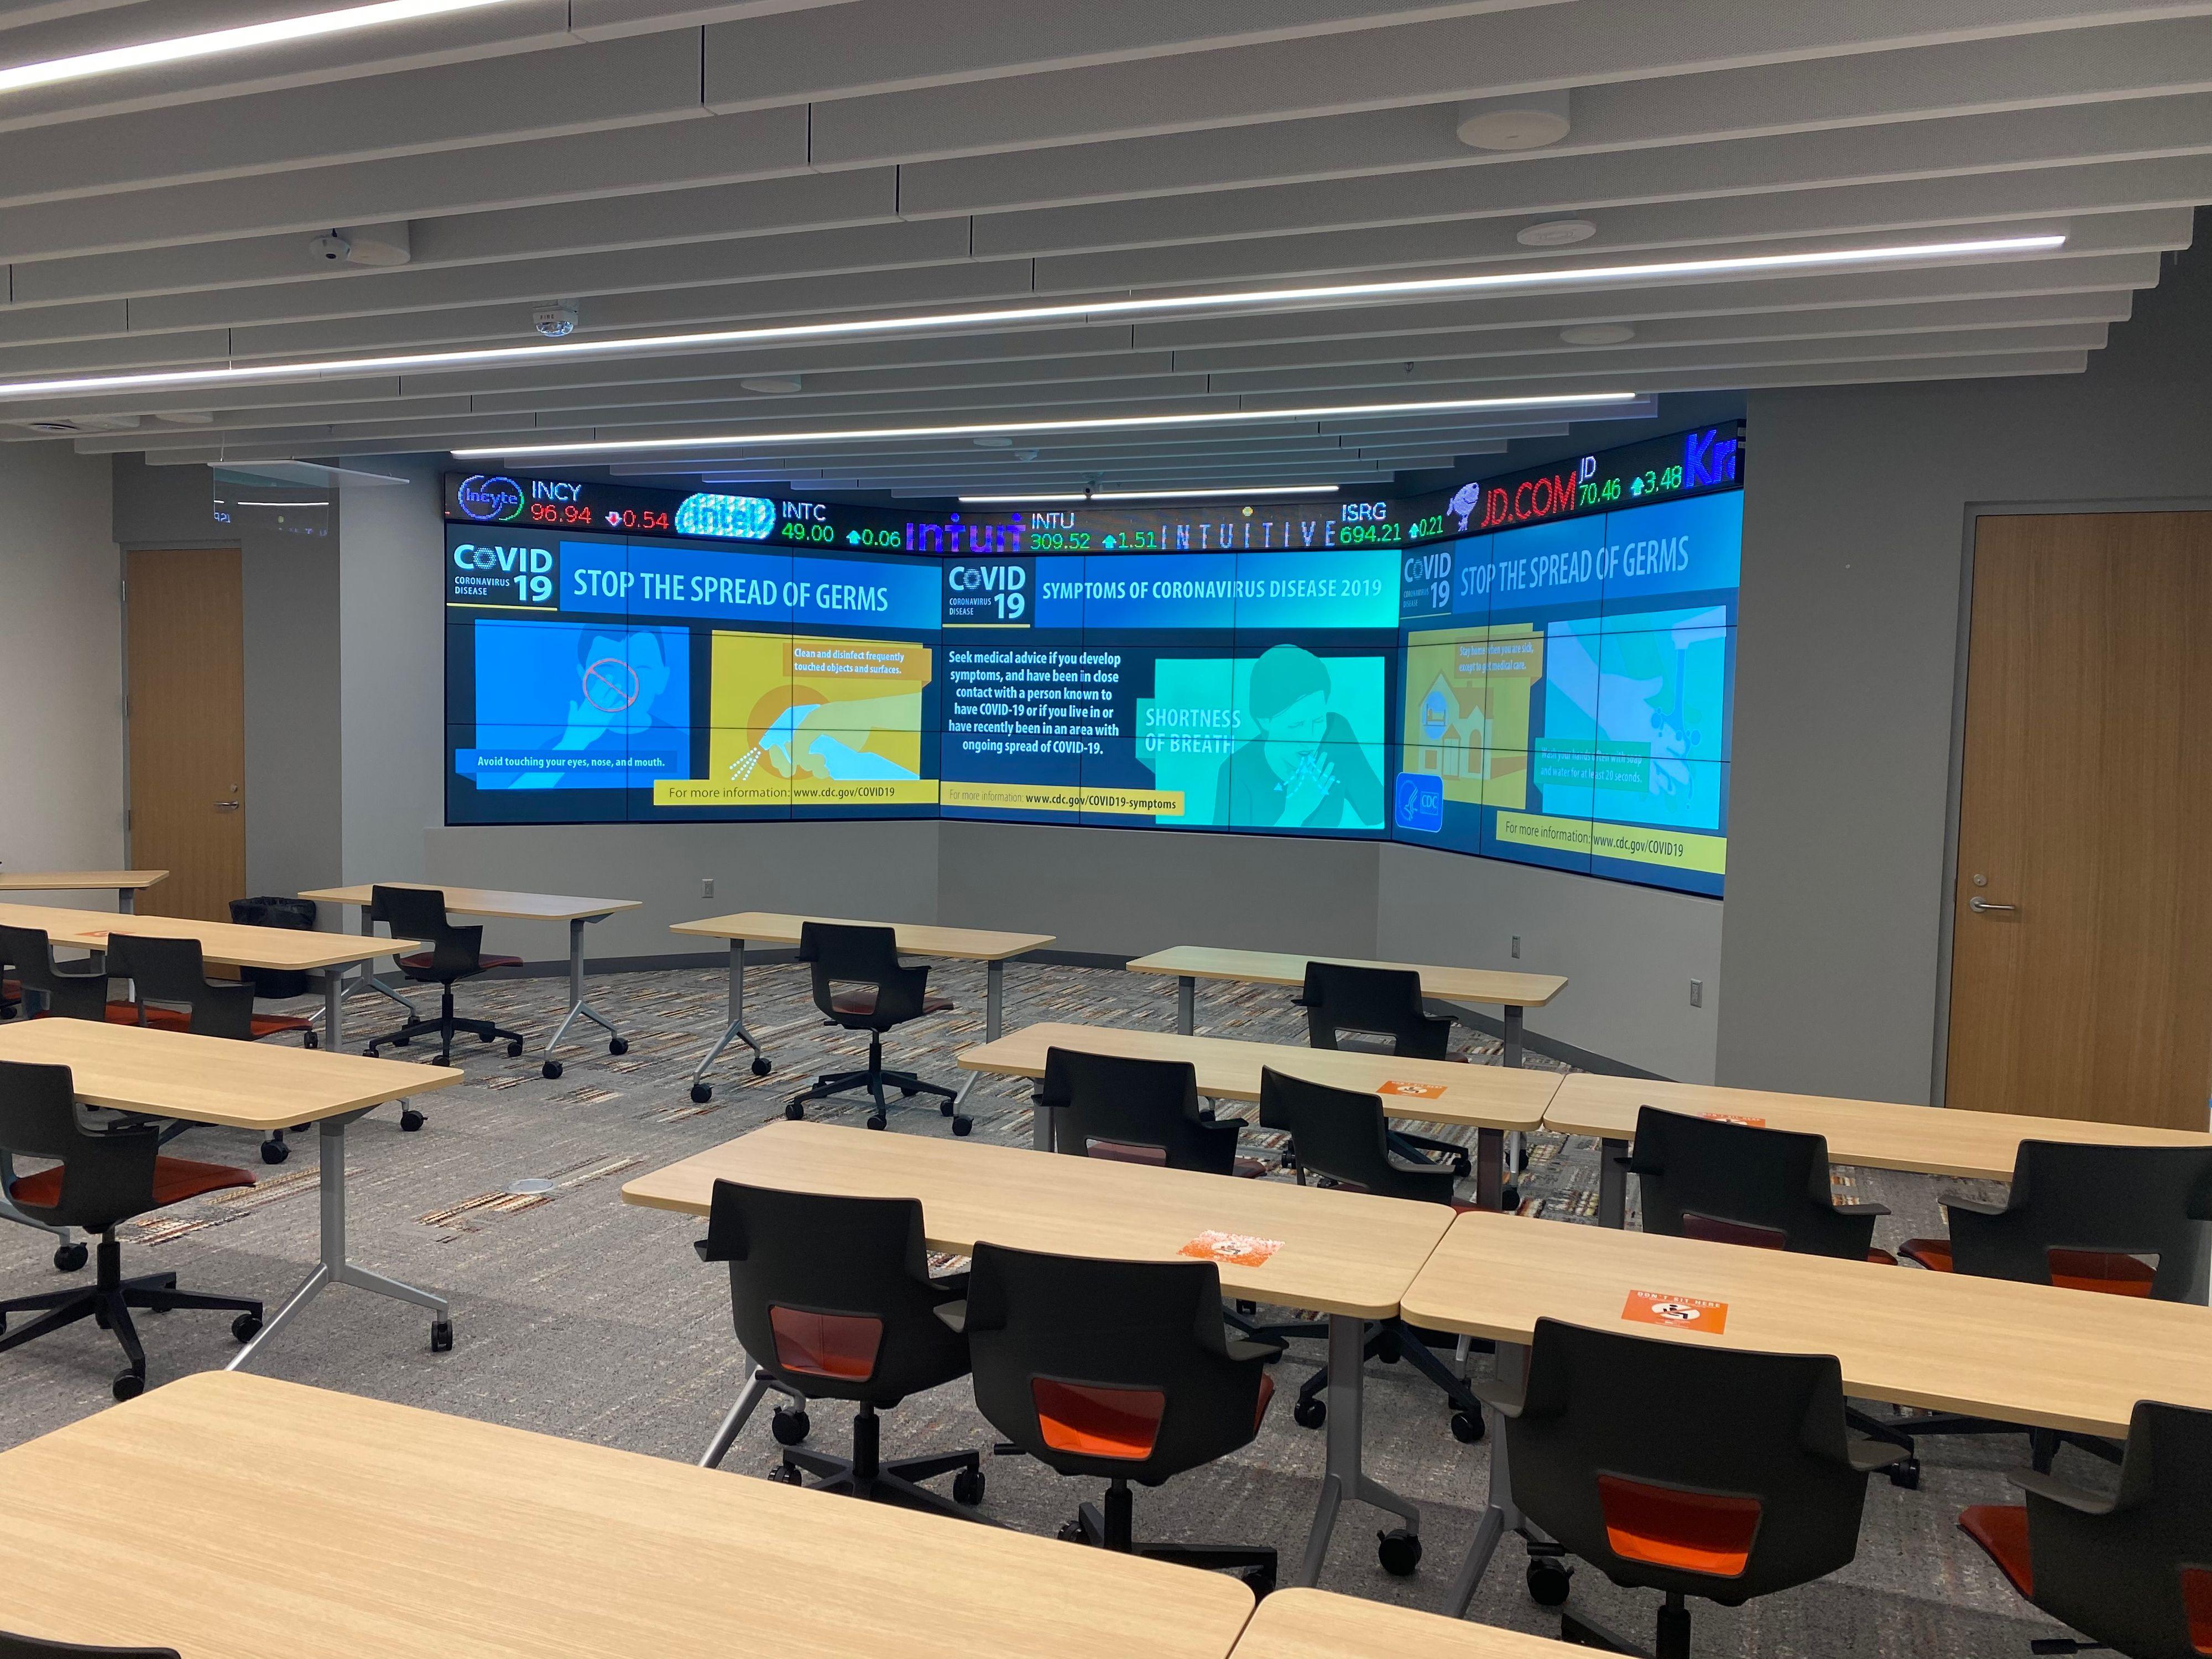 BGSU Hanna Maurer Center Business Center Drywall